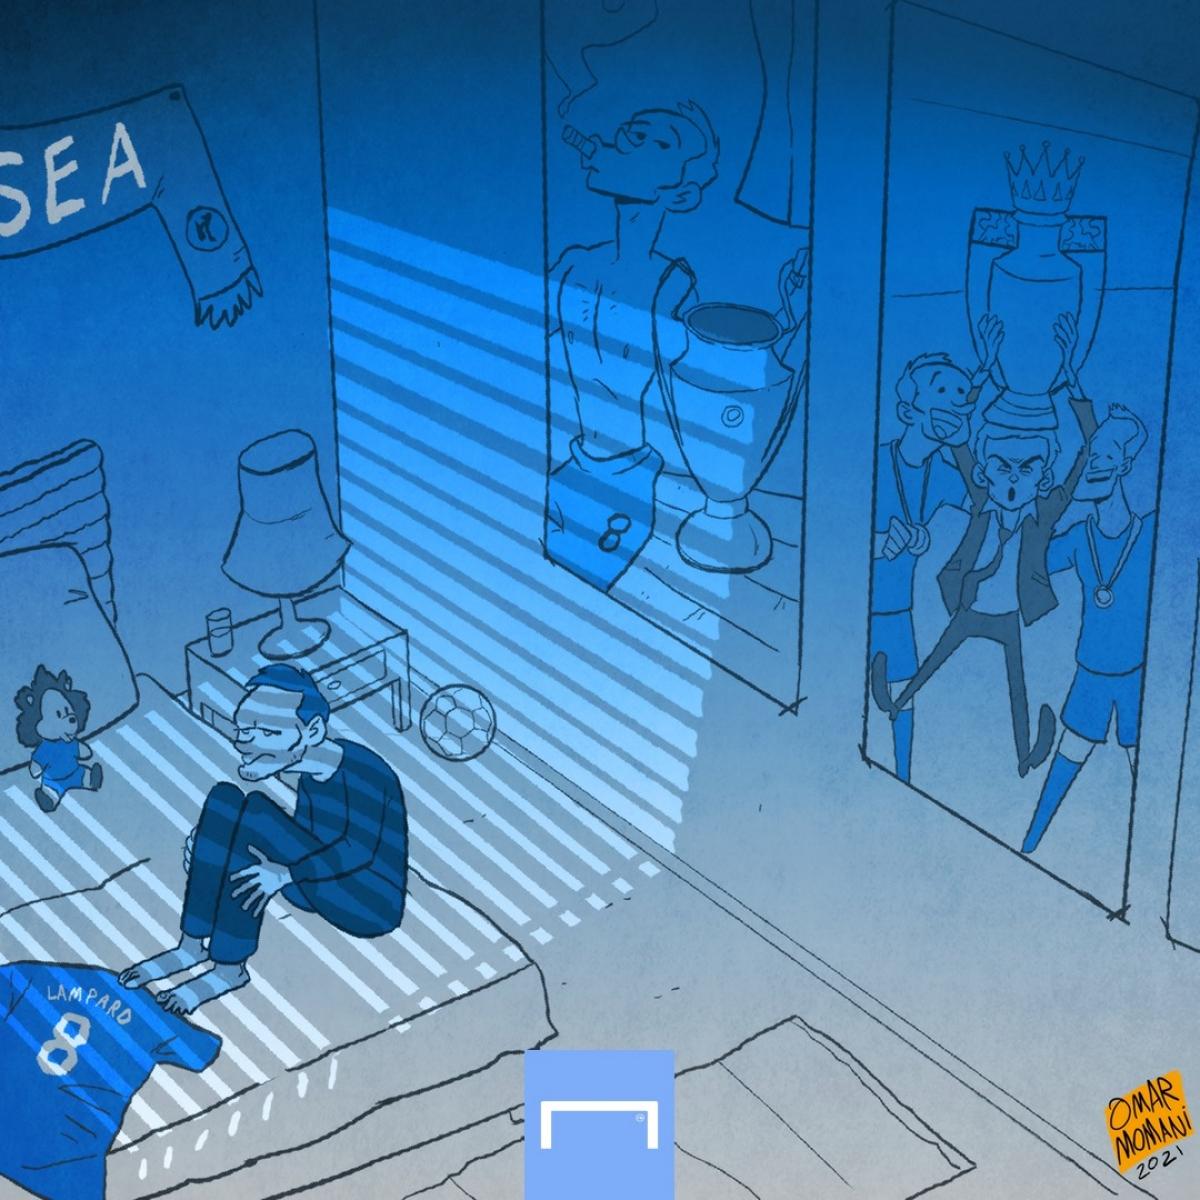 Huyền thoại Lampard trong căn phòng lạnh lẽo.